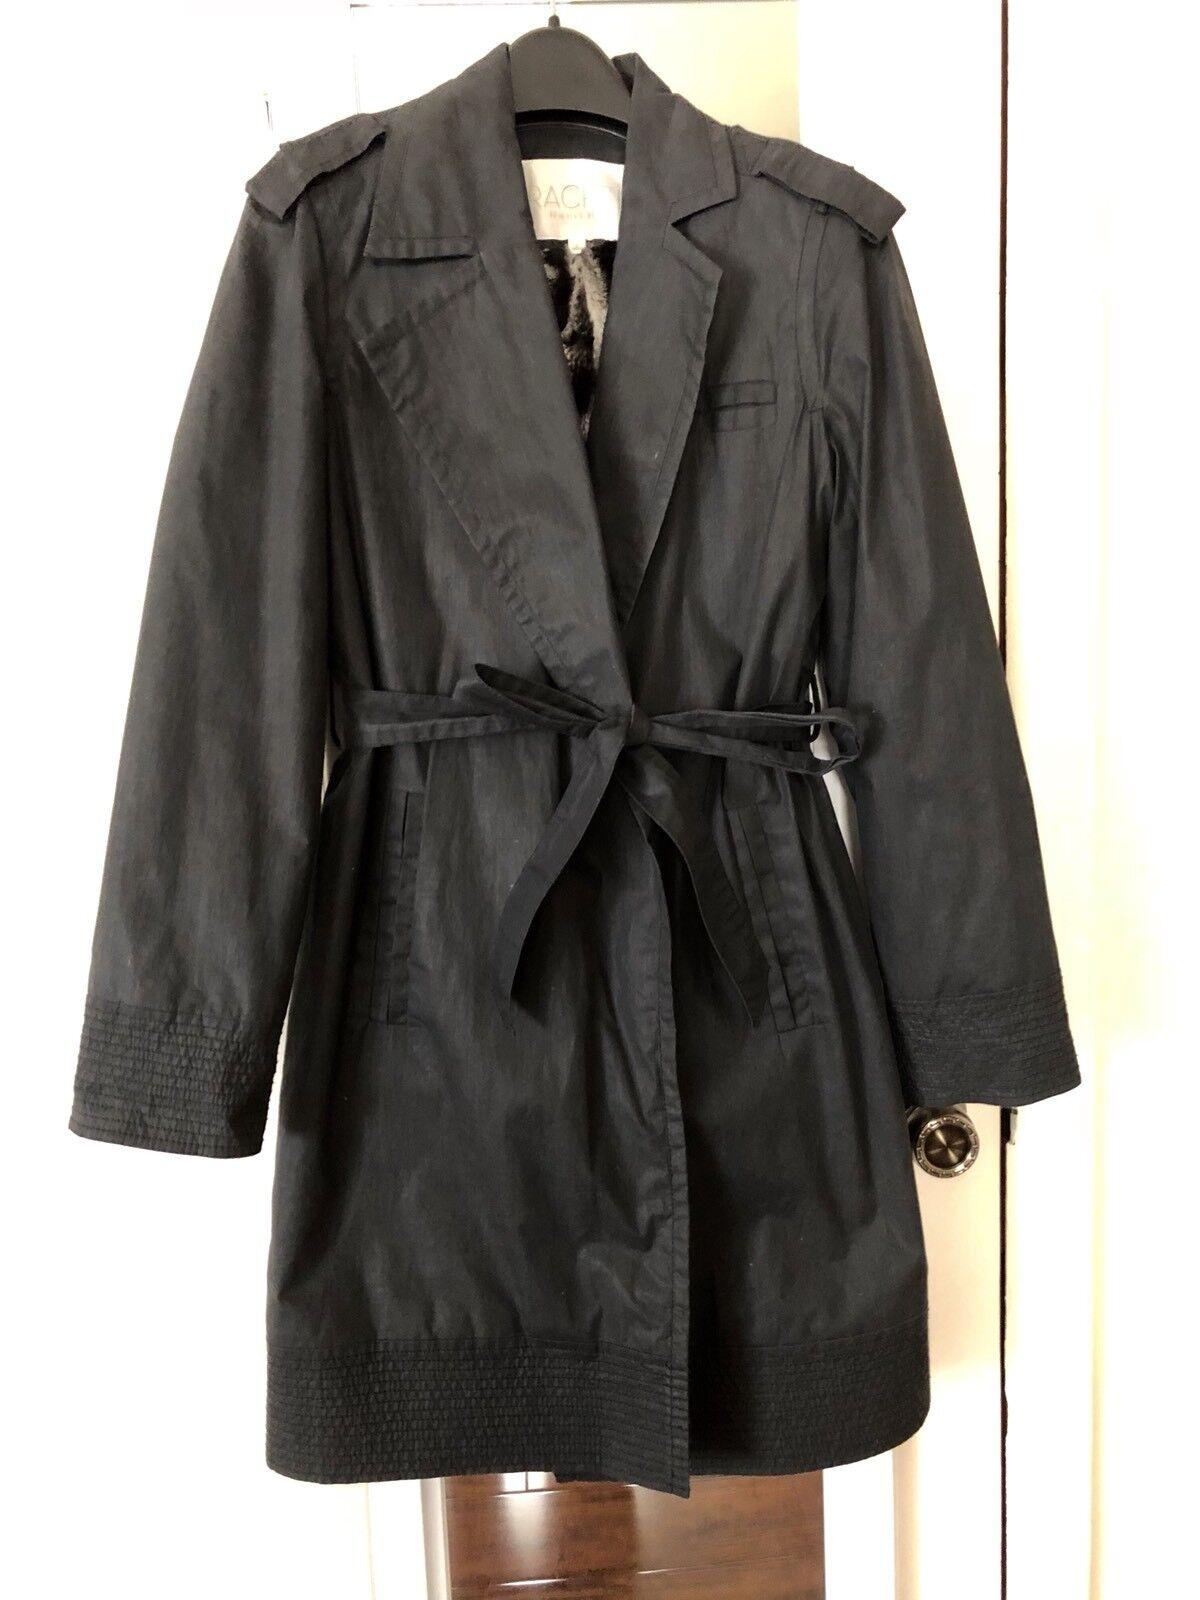 Rachel By Rachel Roy Trench Coat  Rain Coat,Fully Lined With faux fur inside